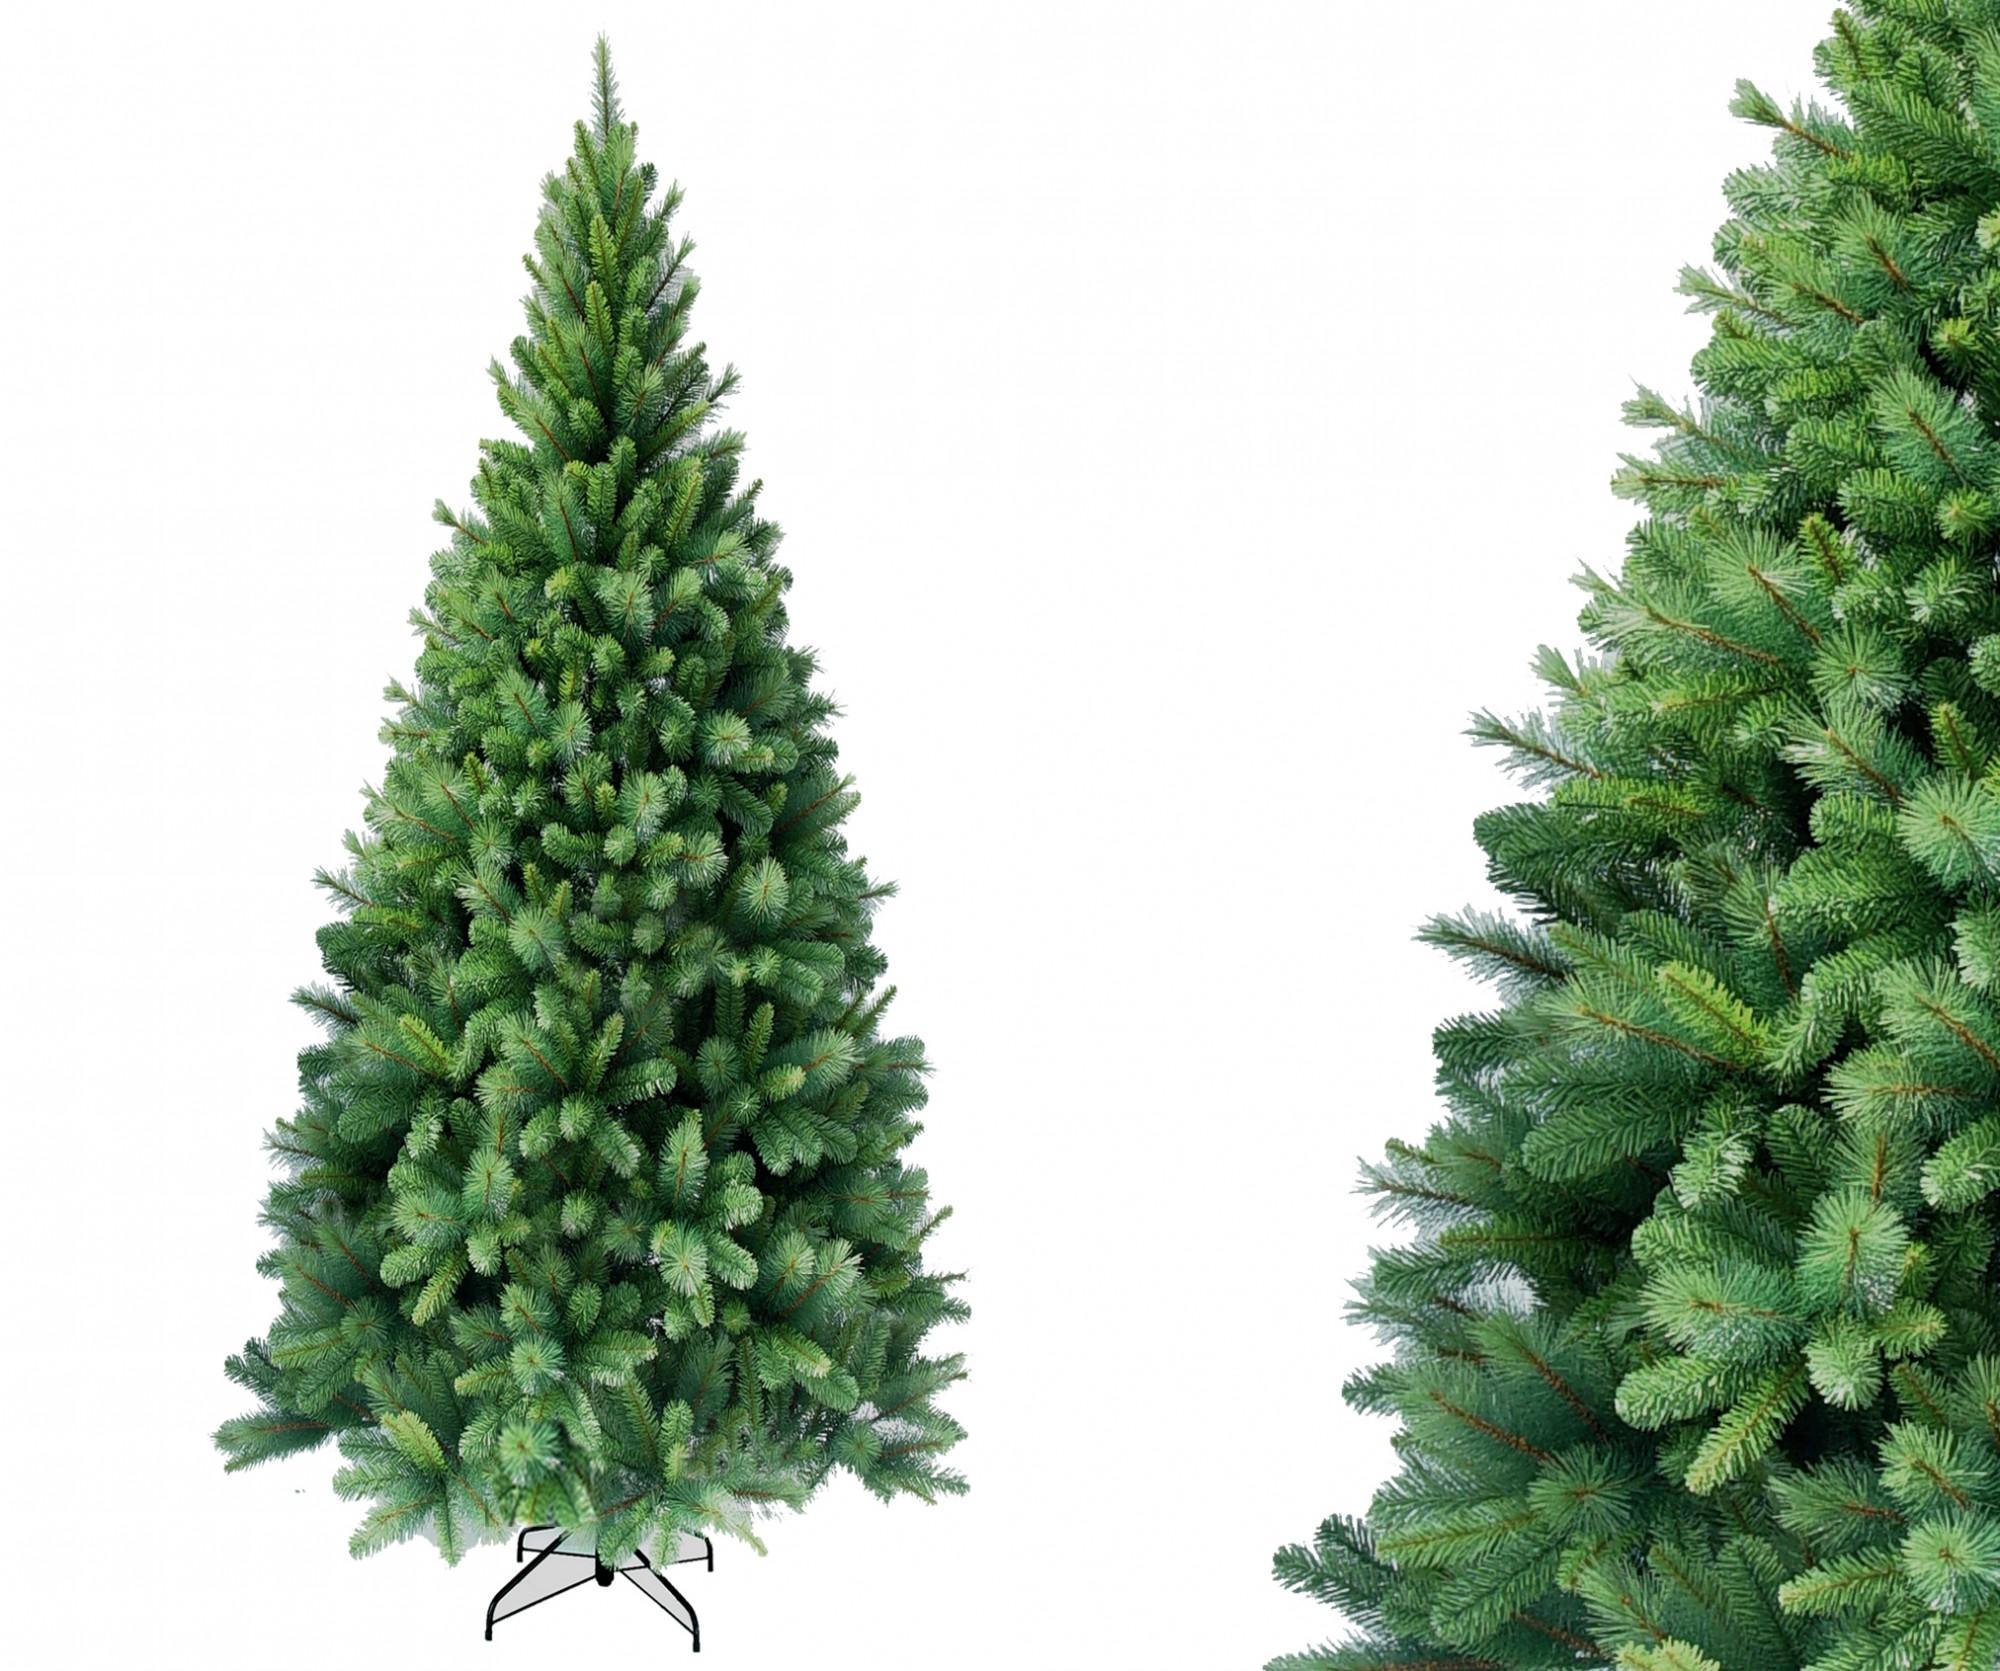 hxt 1101 slim 180 cm k nstlicher weihnachtsbaum k nstliche weihnachtsb ume hxt 1101 slim. Black Bedroom Furniture Sets. Home Design Ideas